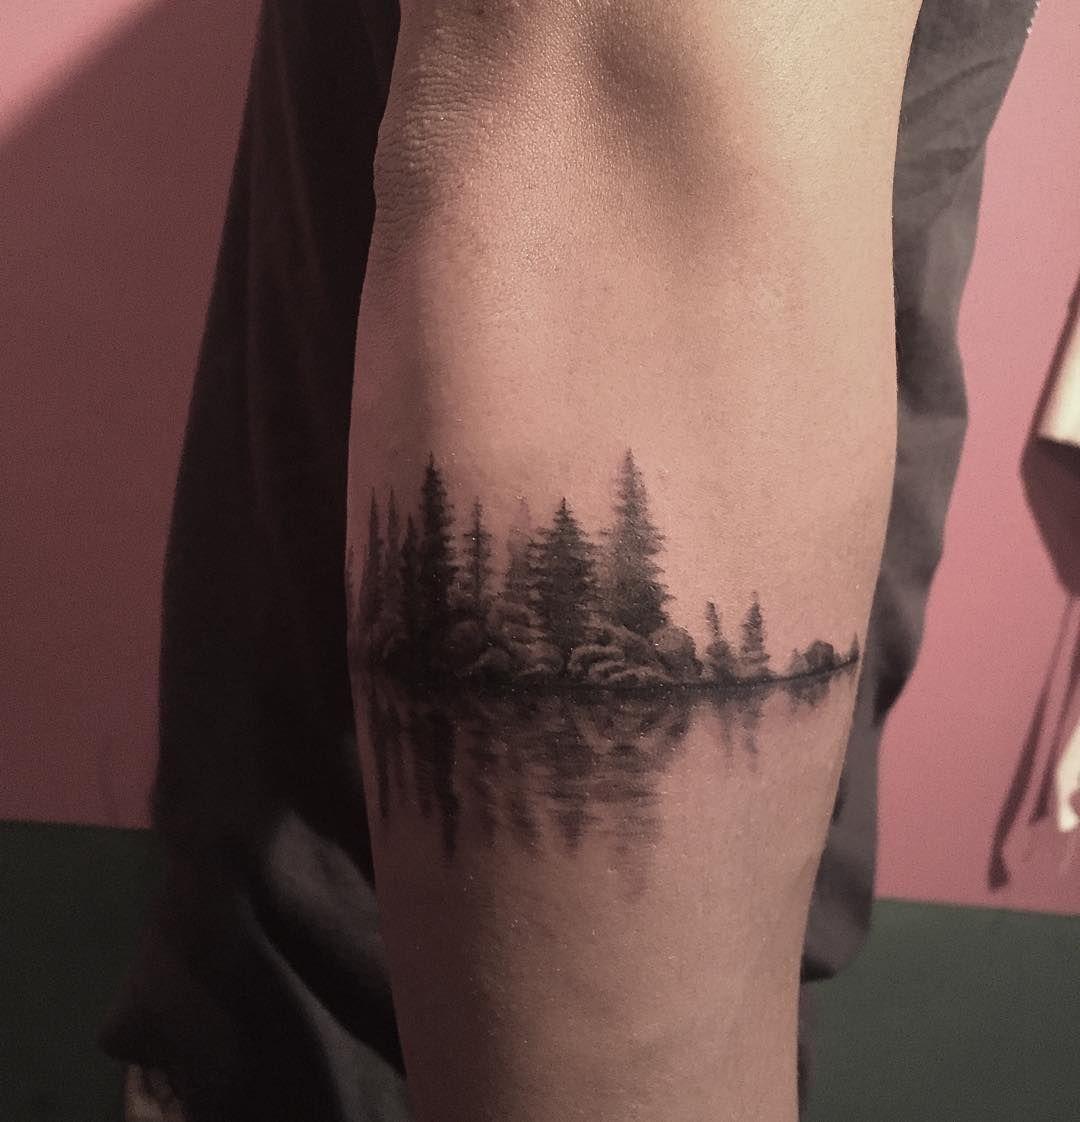 . Pulse & nature 자연을 리듬으로 표현해 보았습니다☺️ . #tattoo#nature#타투 #타투도안#난도타투